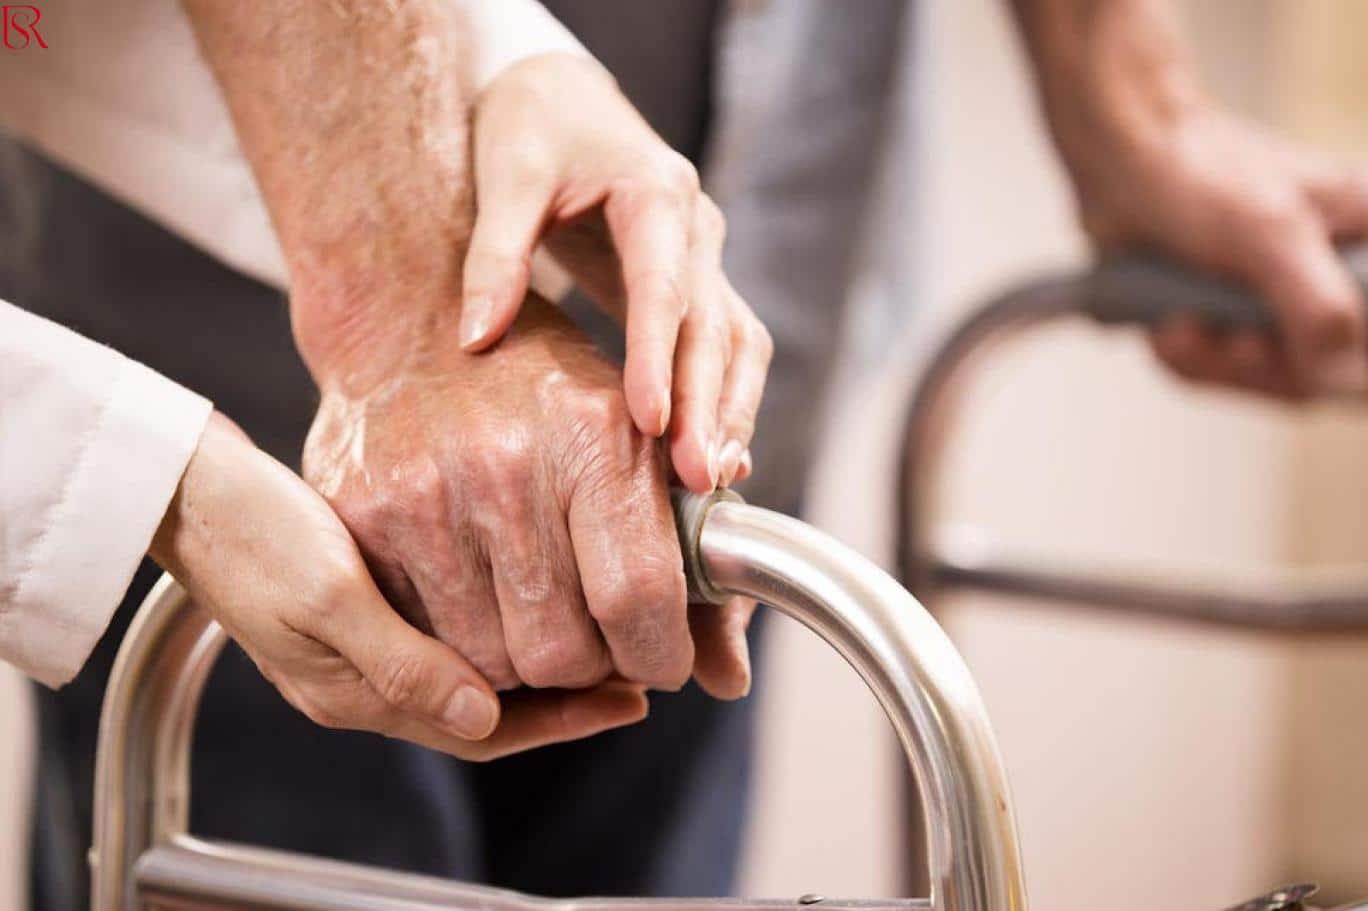 ما هي رعاية صحية للمسنين.. وأبرز الحالات التي تحتاج إليها